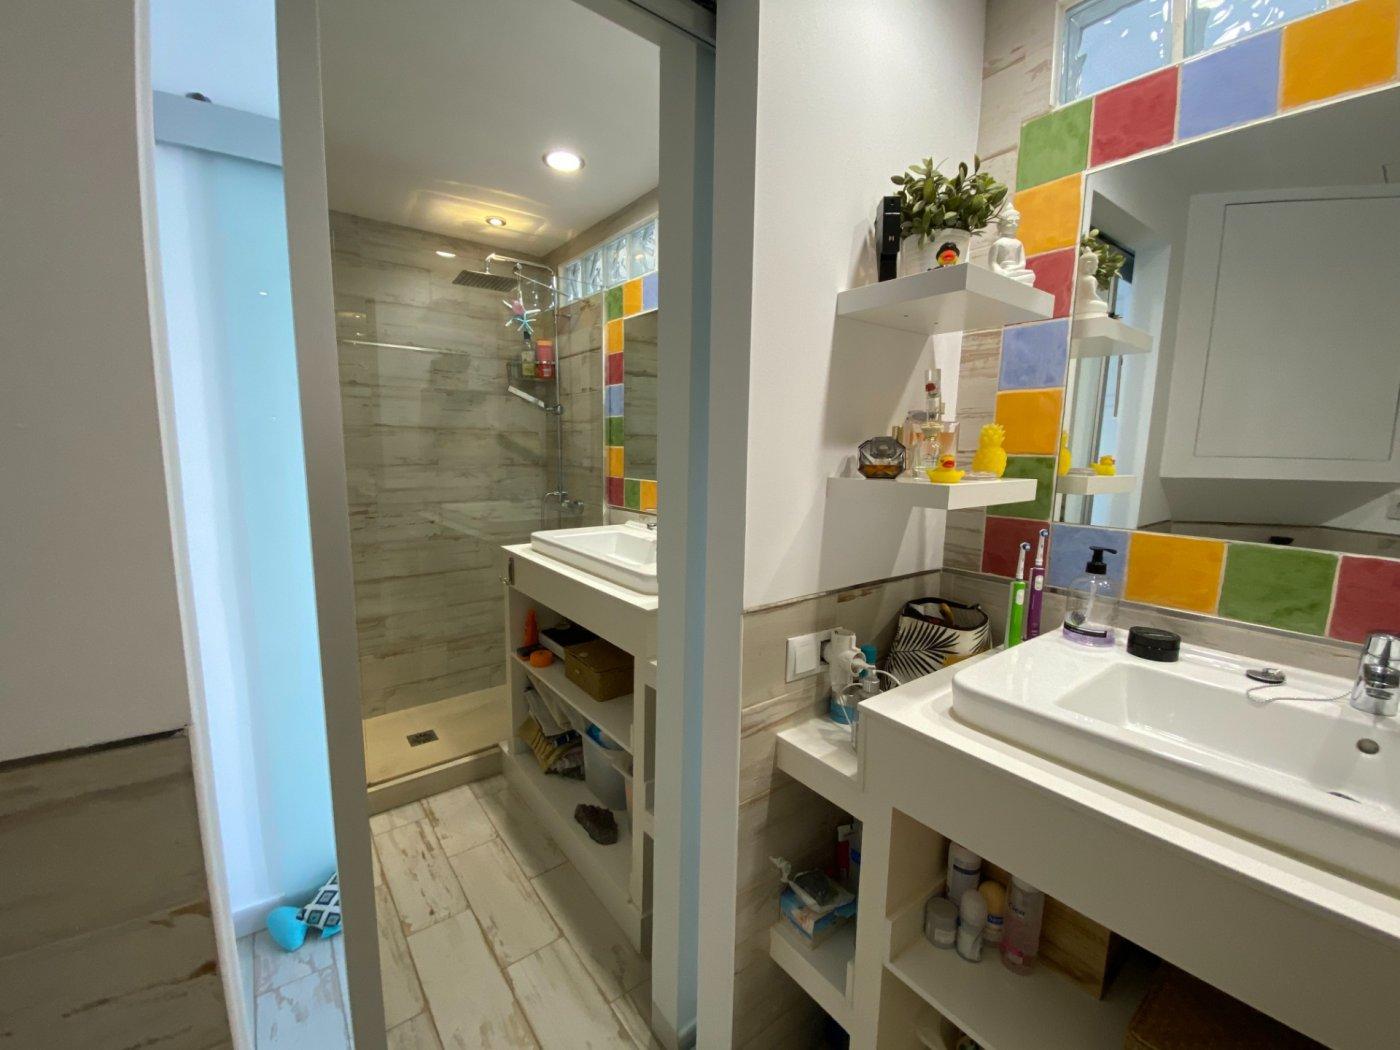 Alquiler con opcion de compra!espectacular apartamento con vistas al mar y parking propio - imagenInmueble31